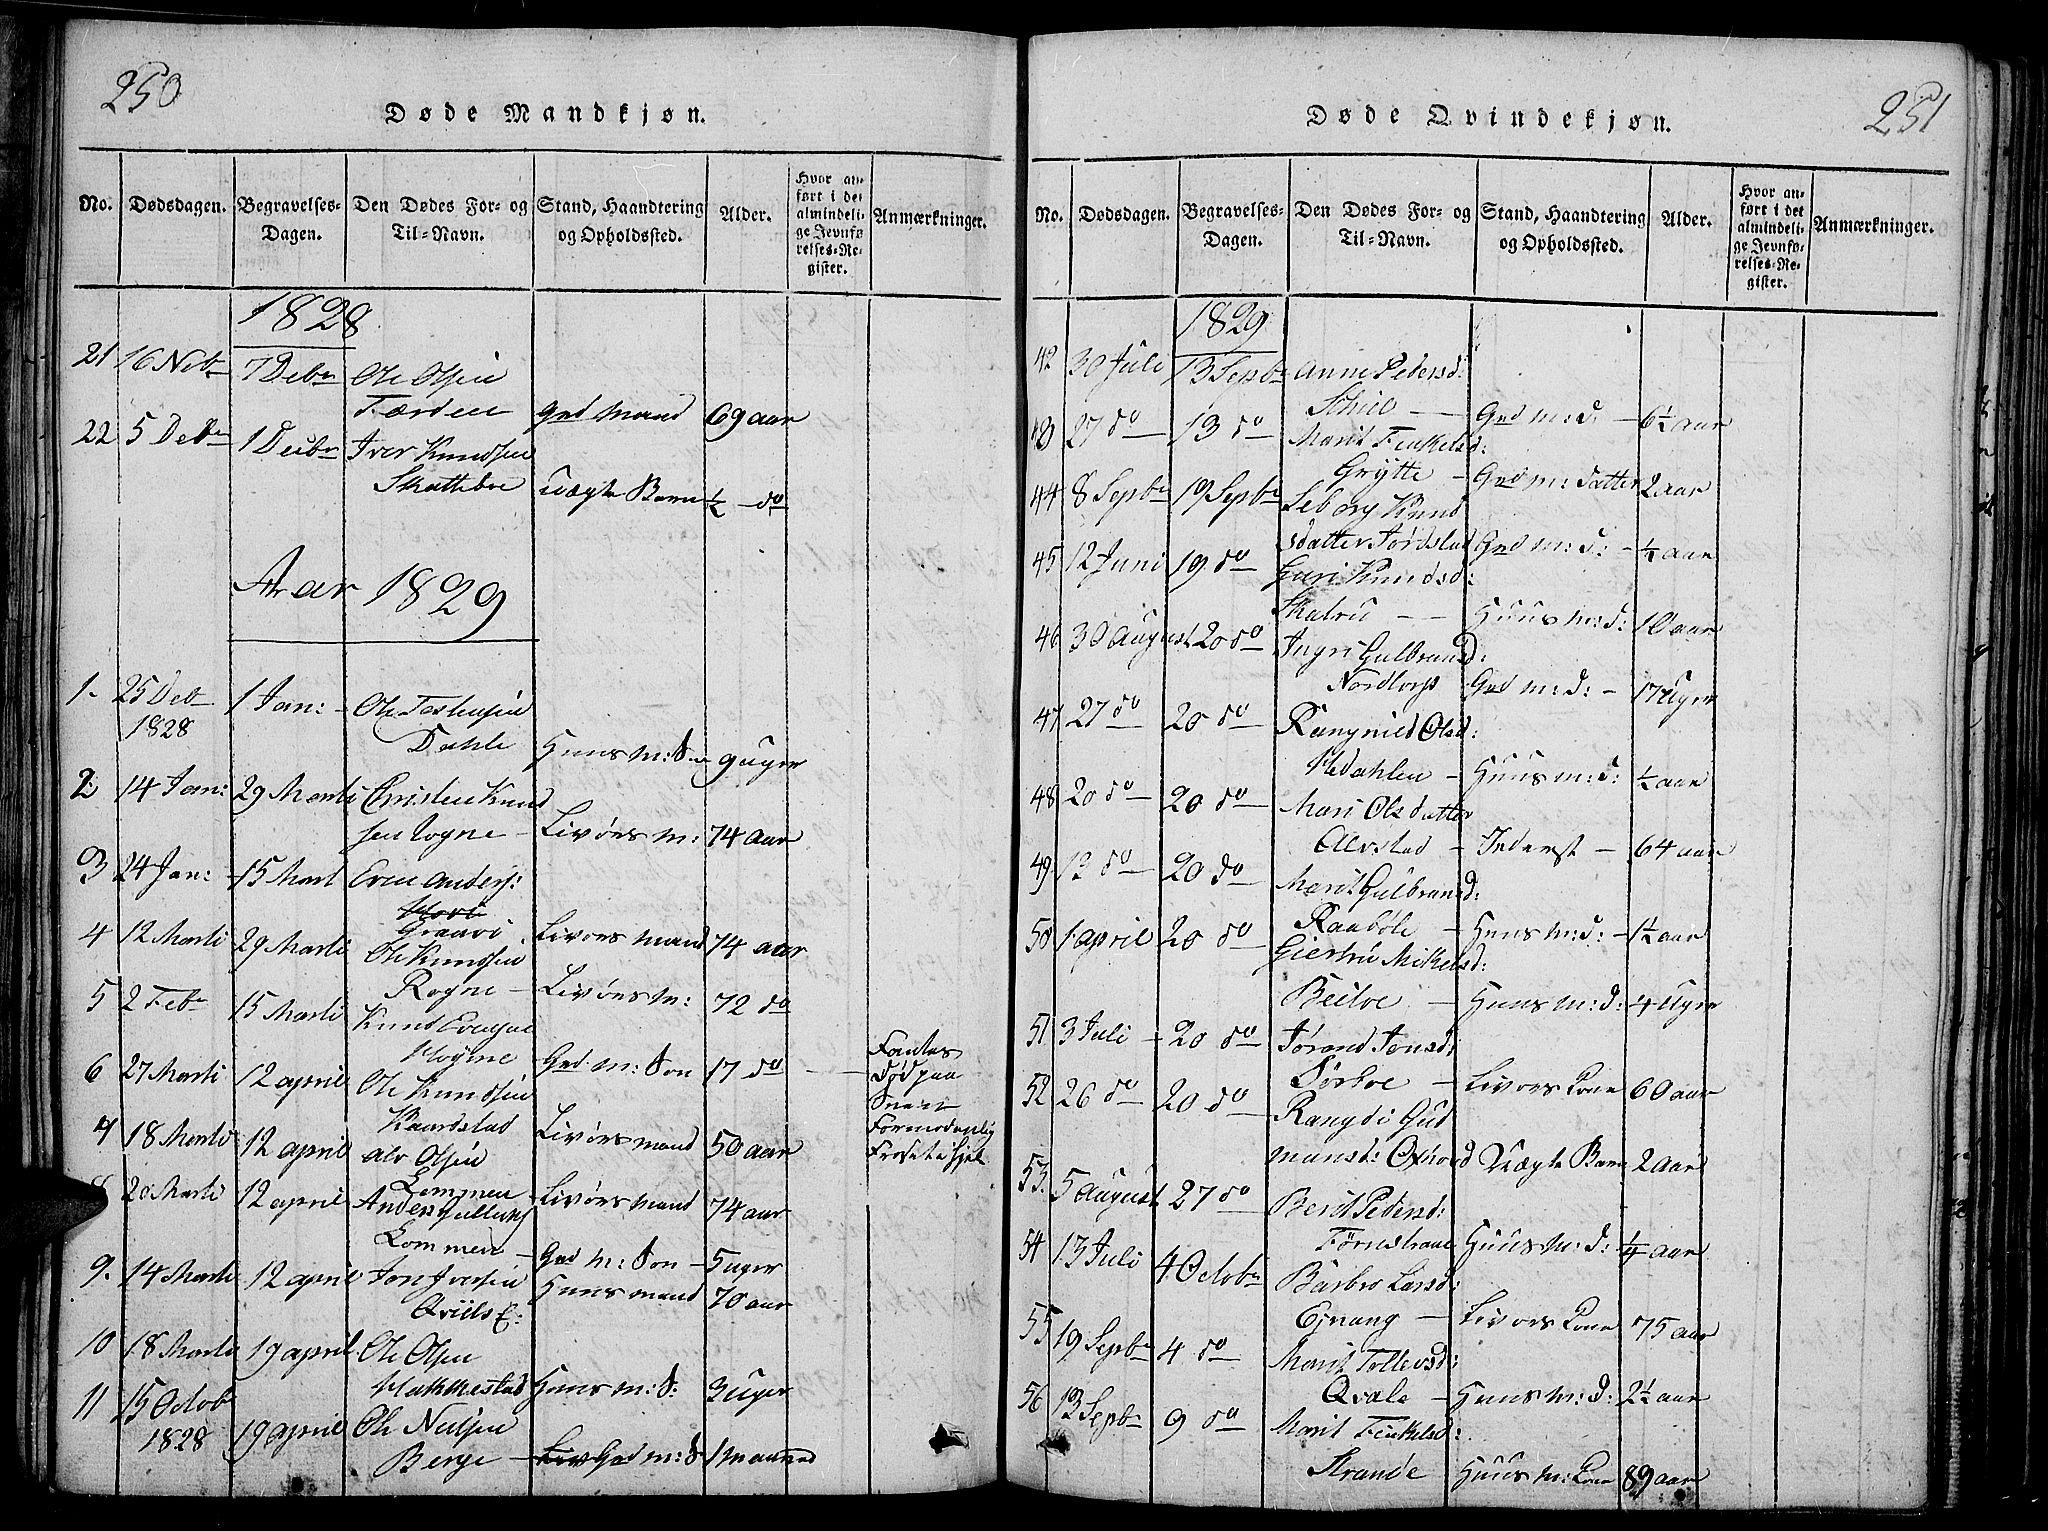 SAH, Slidre prestekontor, Ministerialbok nr. 2, 1814-1830, s. 250-251